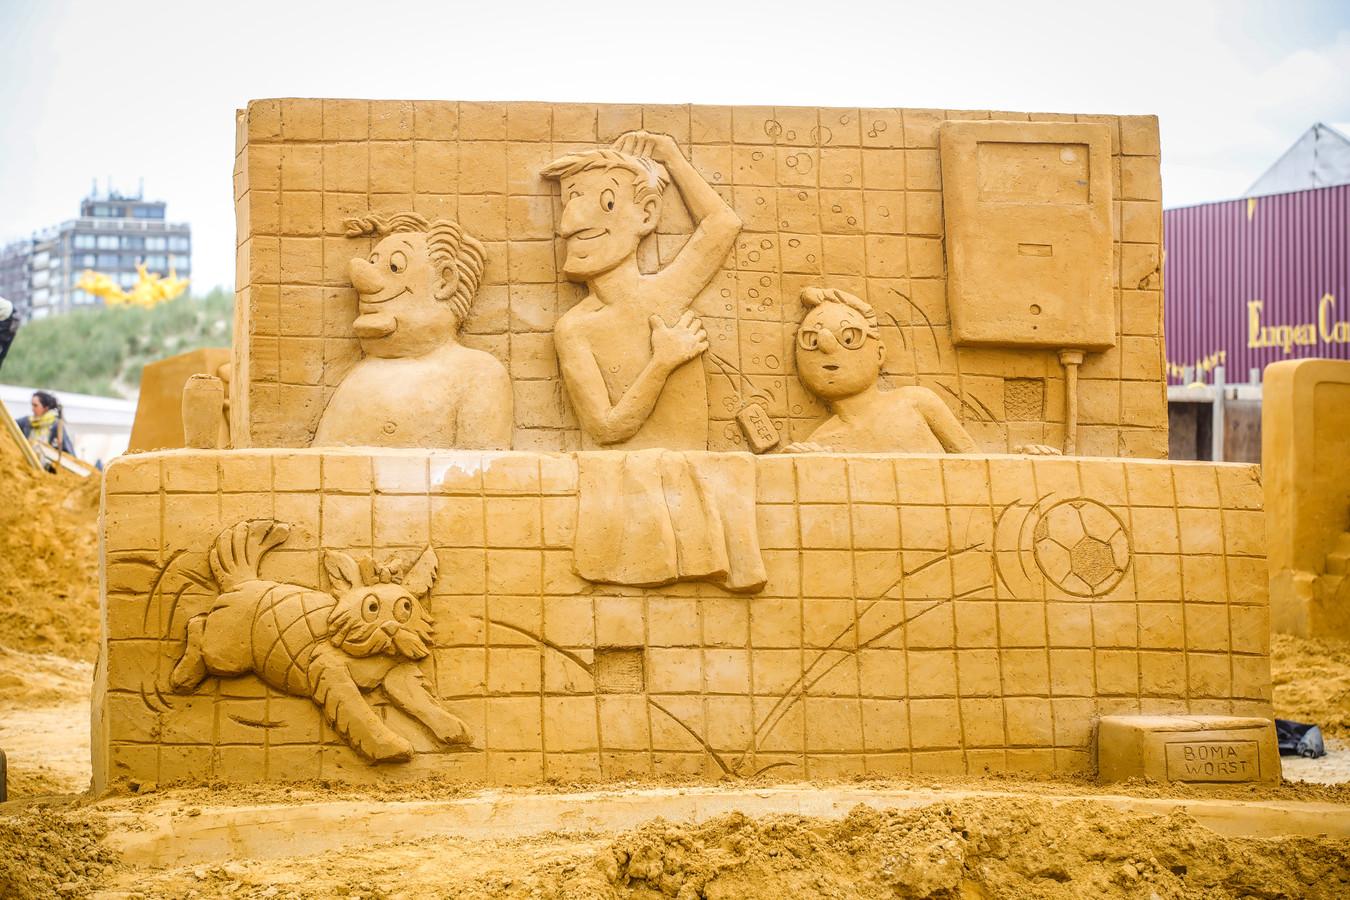 zandsculptuur fc de kampioenen in opbouw te Middelkerke